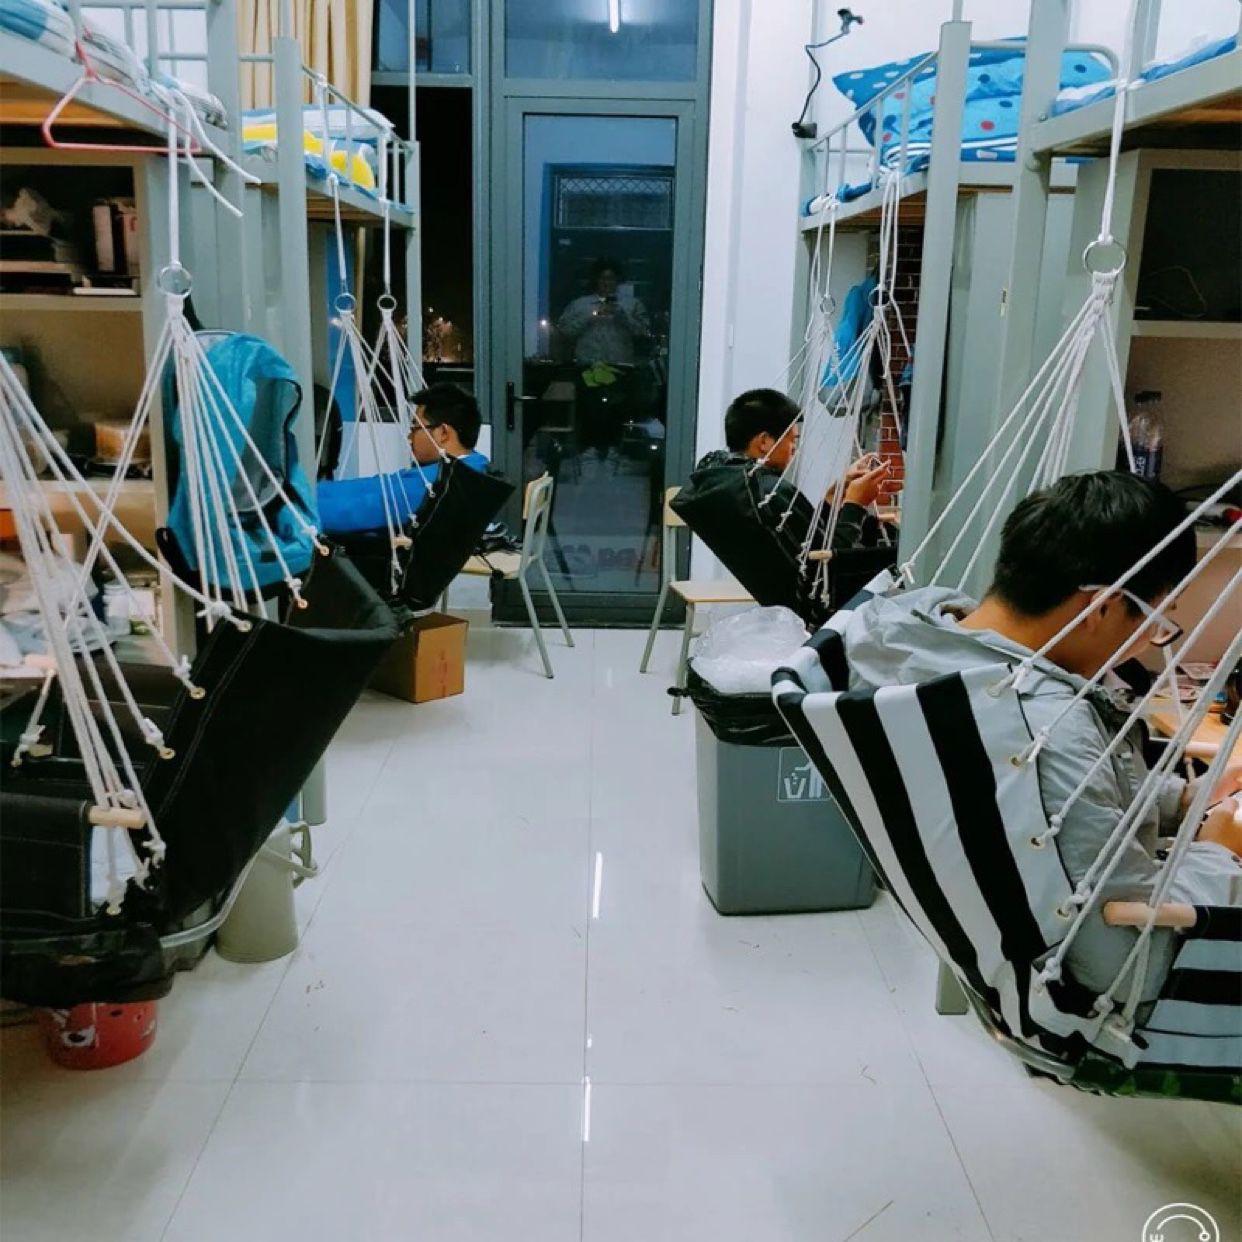 寝室省空间户外吊椅座椅经济型吊篮迷你椅子摇篮北欧大学生室内学限6000张券